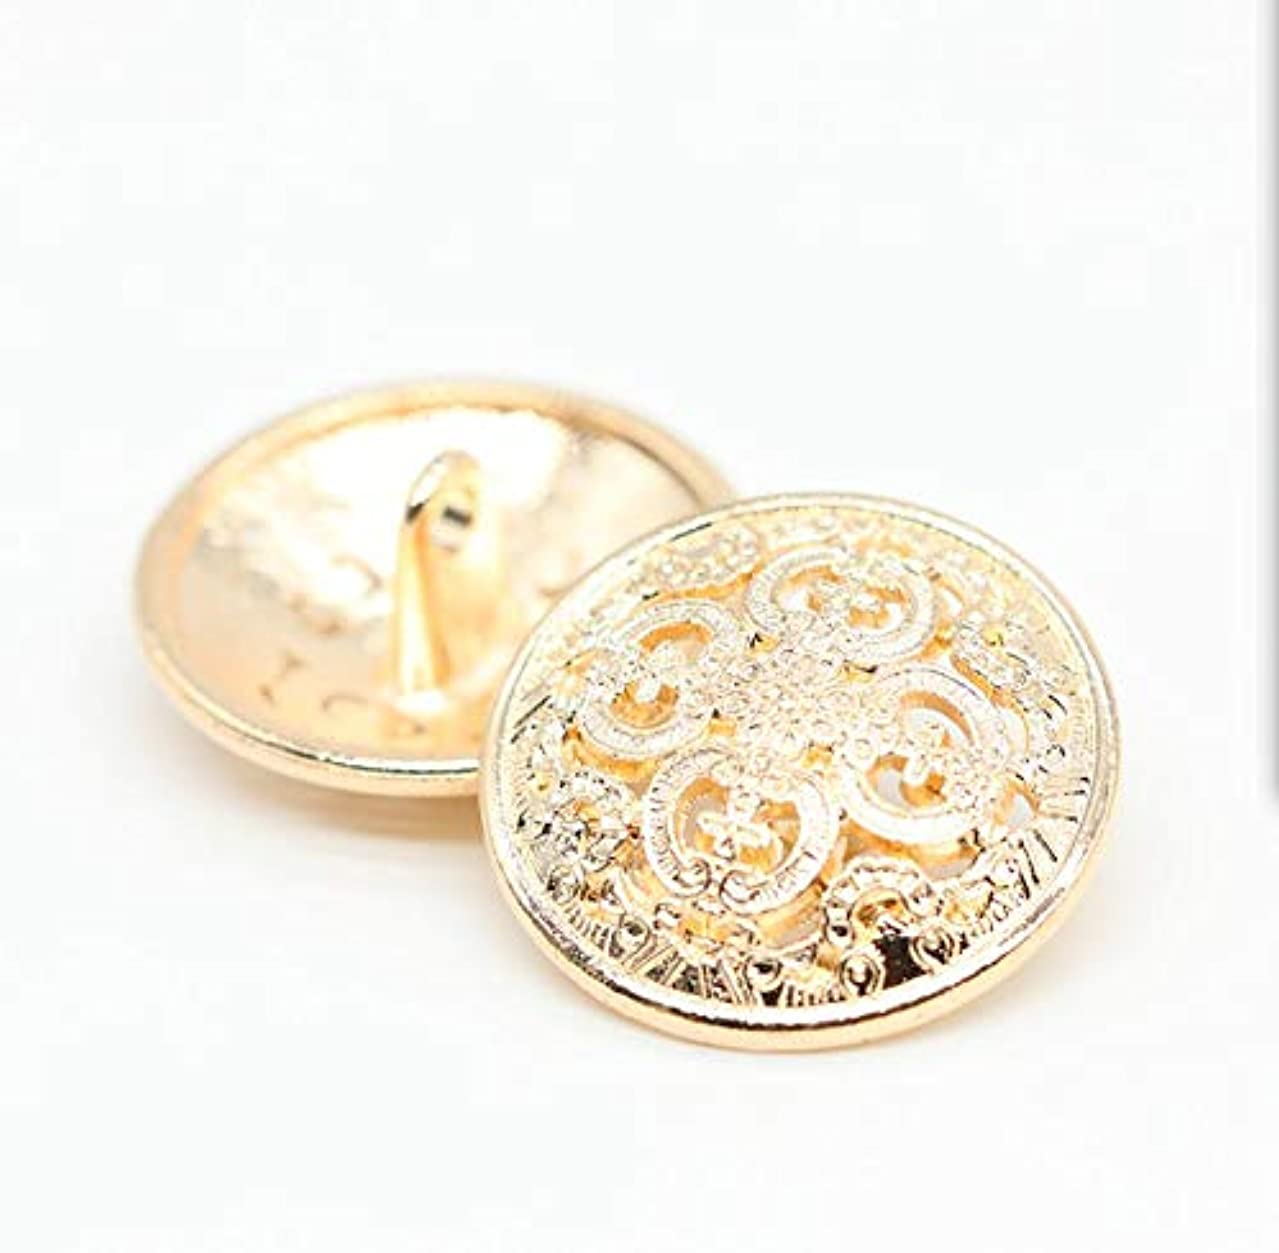 ZQMALL New 10 pcs 1 inch Metal Jacket Button,Blazer Button Set,Hollow Metal Sewing Button - 25mm Antique Vintage Beautiful Suits Button Set for Blazer, Suits, Coat, Uniform, Jacket,Gold,Q2023